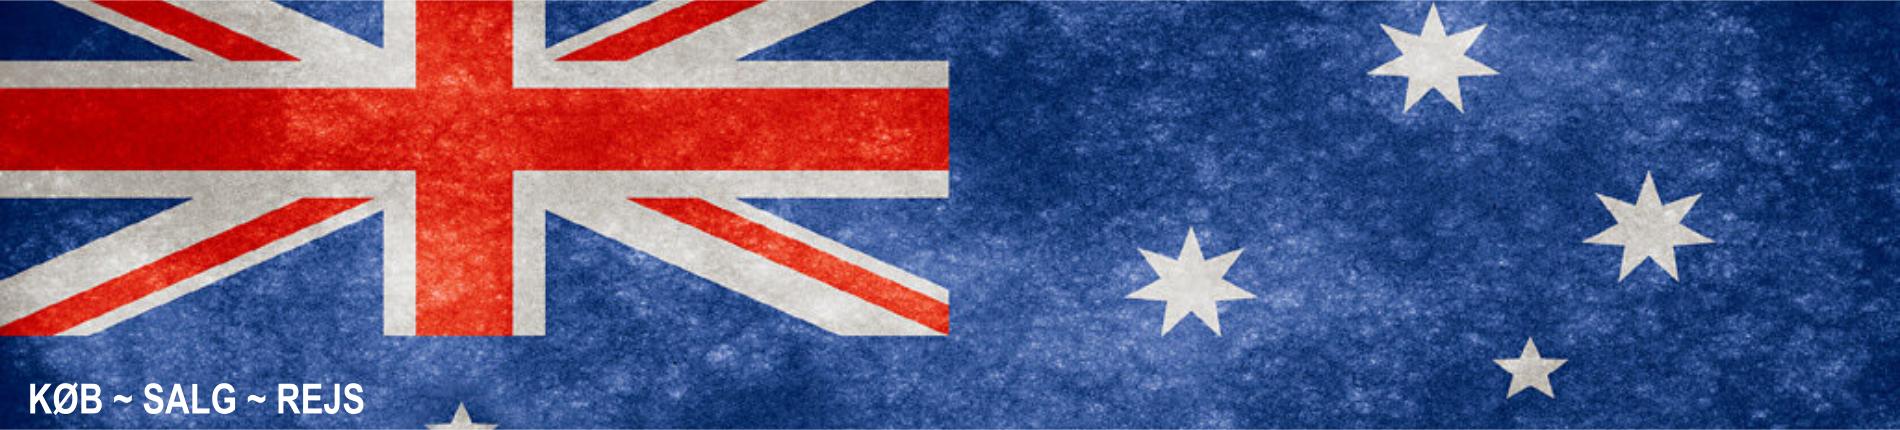 Bilkøb i Australien